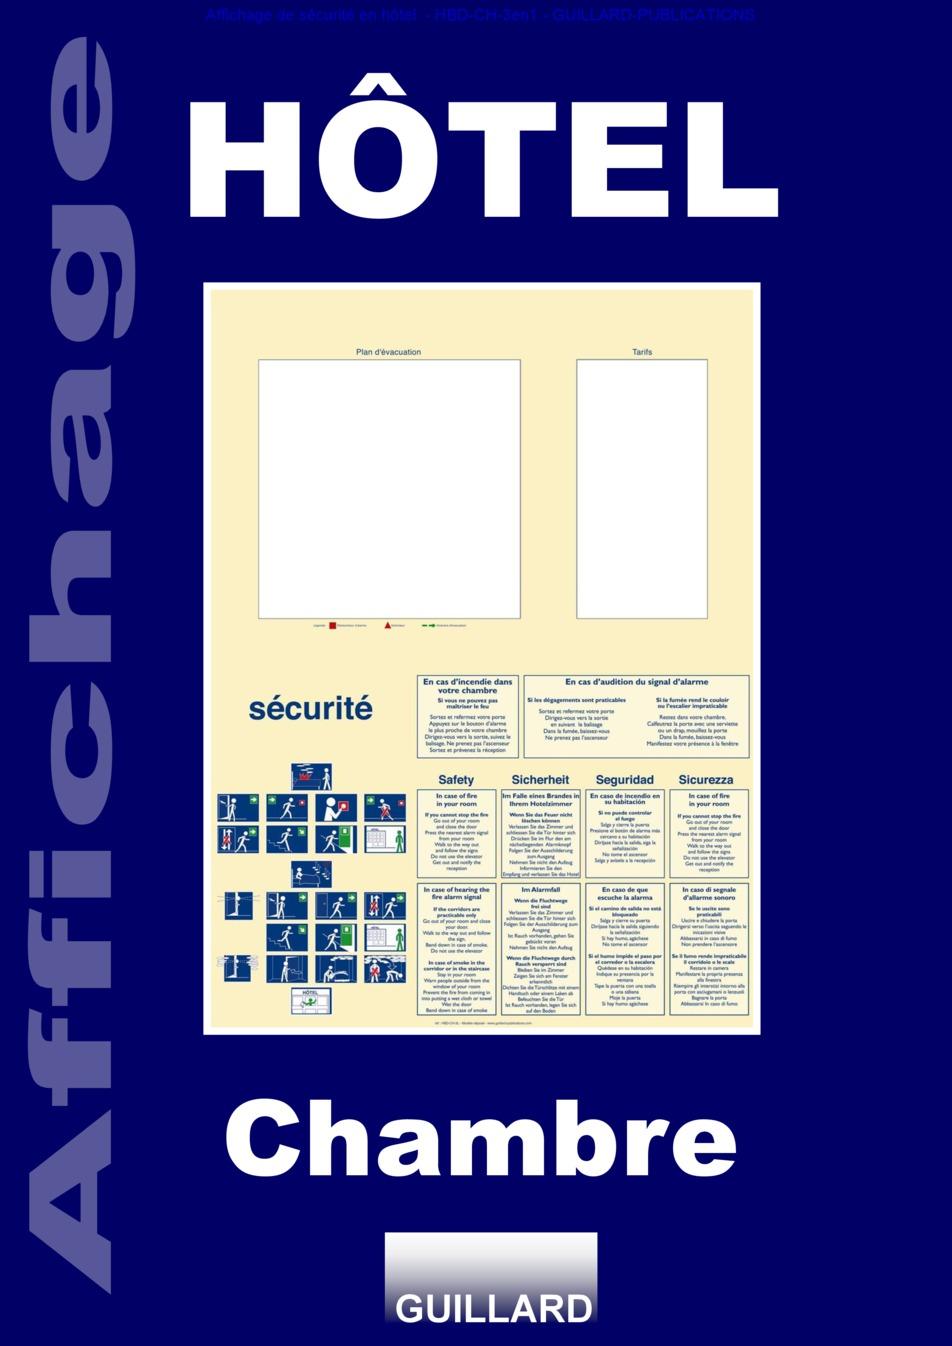 Affichage de securite hotel chambre source www for Chambre de securite